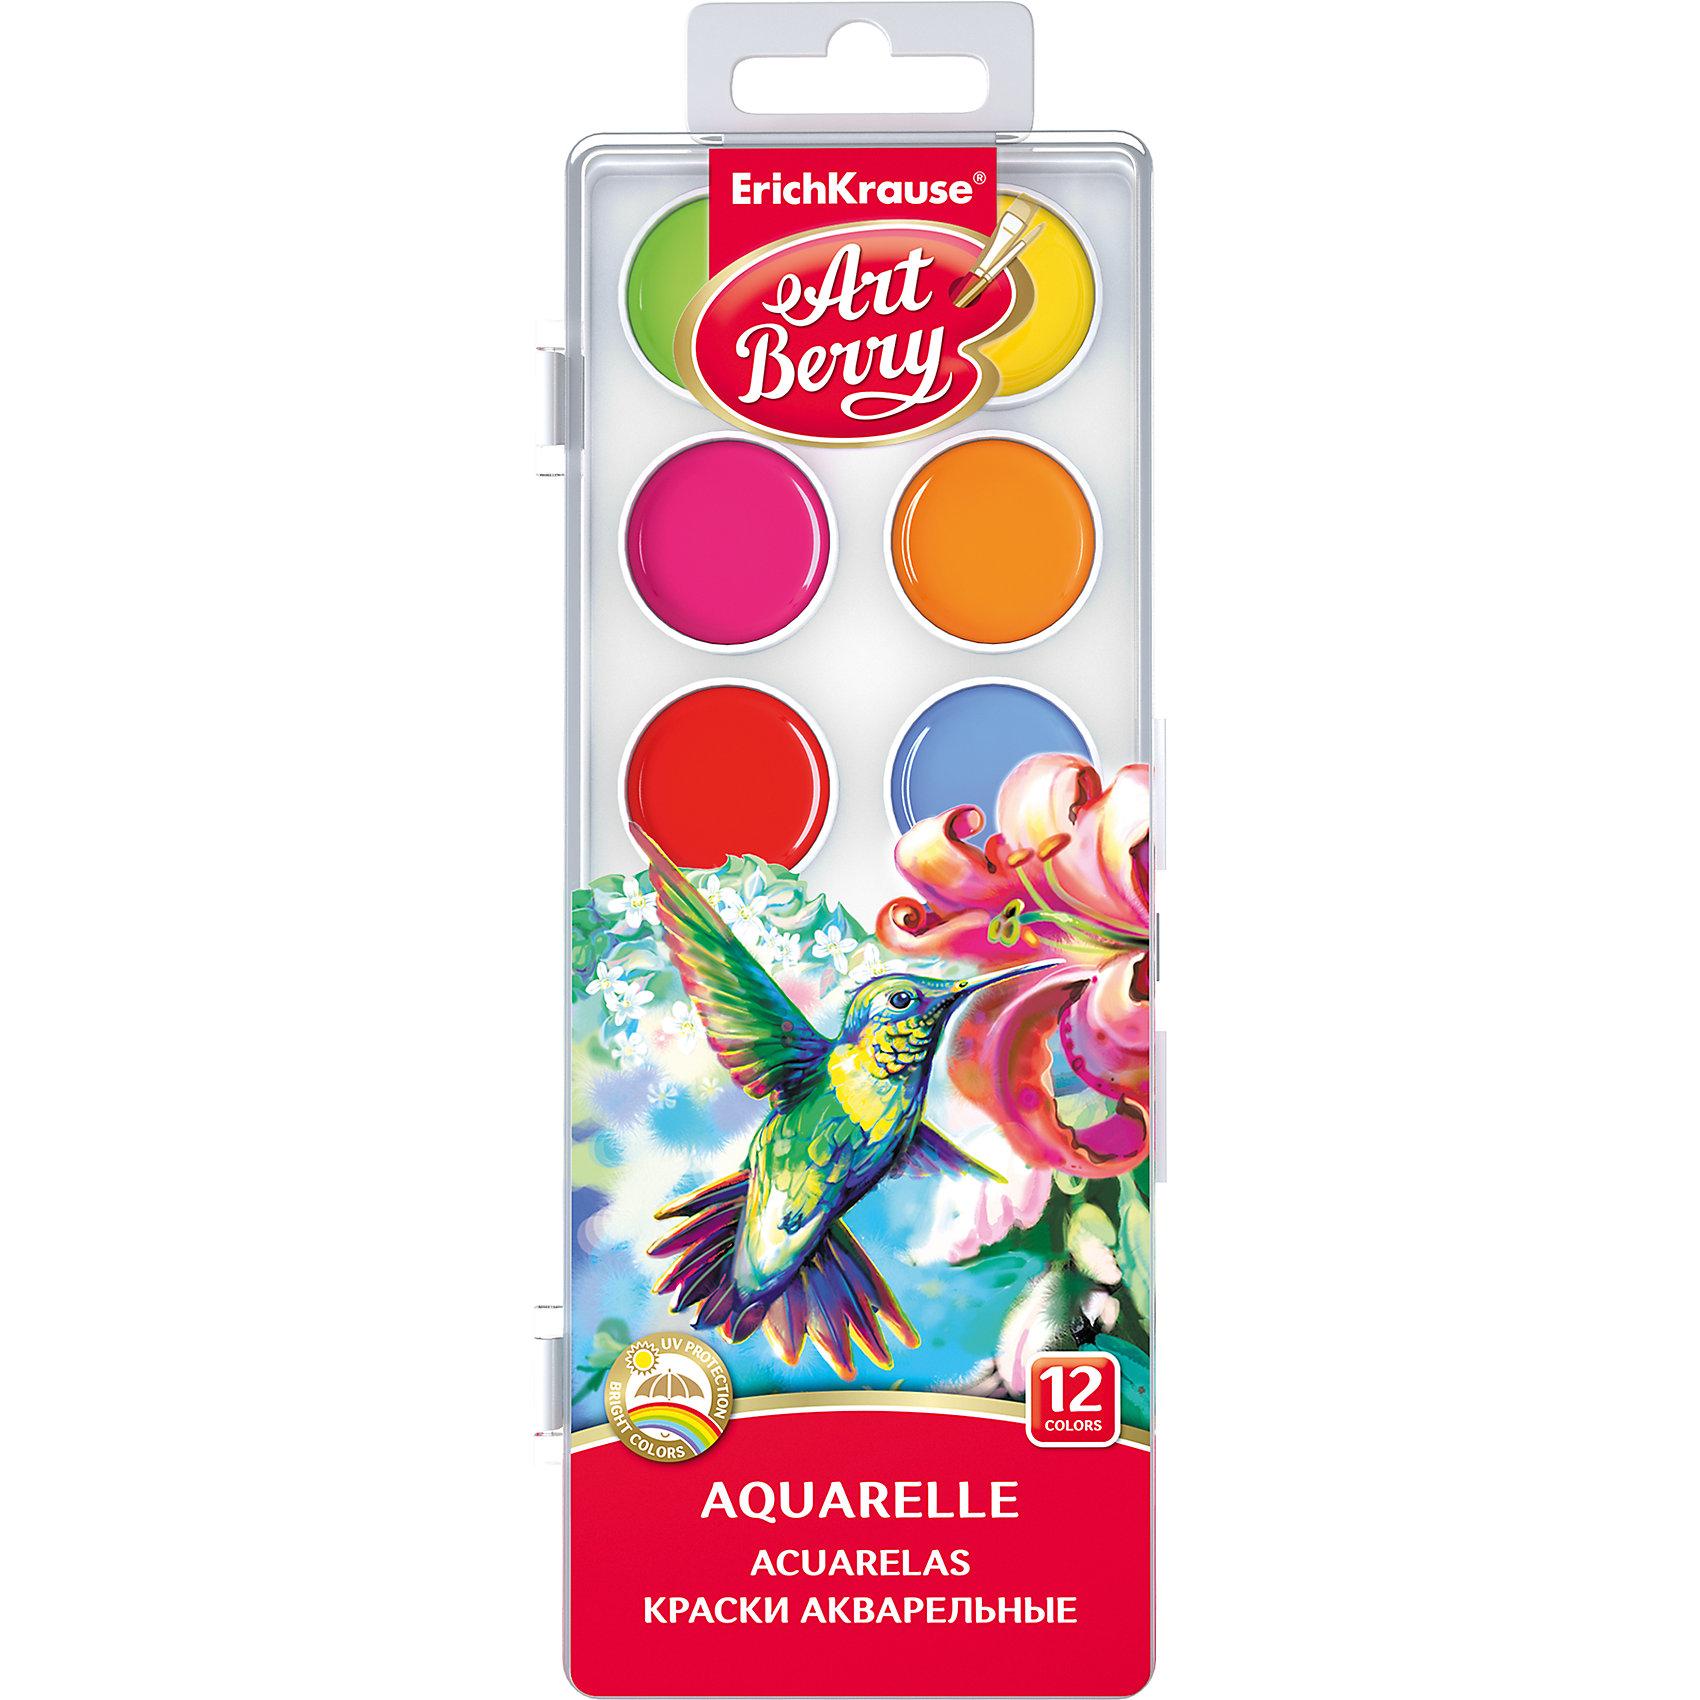 Краски акварельные ArtBerry, 12 цветов с УФ защитой яркостиРисование и лепка<br>Характеристики акварельных красок ArtBerry:<br><br>• возраст: от 5 лет<br>• пол: для мальчиков и девочек<br>• комплект: 12 красок в пластиковом боксе.<br>• материал: пластик, краситель, связующее вещество.<br>• размер упаковки: 18.5х7х1 см.<br>• упаковка: пластиковая коробка.<br>• тип: акварельные полусухие.<br>• количество цветов: 12.<br>• цвет: два оттенка зеленого, голубой, синий, коричневый, черный, белый, желтый, оранжевый, фуксия, красный, бордовый.<br>• бренд: Erich Krause<br>• страна обладатель бренда: Россия.<br><br>Акварельные краски с УФ-защитой яркости. Цвета легко смешиваются и сочетаются между собой, равномерно ложатся на бумагу, обладают лучшей цветопередачей и не выгорают на солнце благодаря УФ-защите. Срок годности не ограничен.<br><br>Акварельные краски ArtBerry торговой марки Erich Krause  можно купить в нашем интернет-магазине.<br><br>Ширина мм: 104<br>Глубина мм: 205<br>Высота мм: 13<br>Вес г: 89<br>Возраст от месяцев: 60<br>Возраст до месяцев: 216<br>Пол: Унисекс<br>Возраст: Детский<br>SKU: 5409202